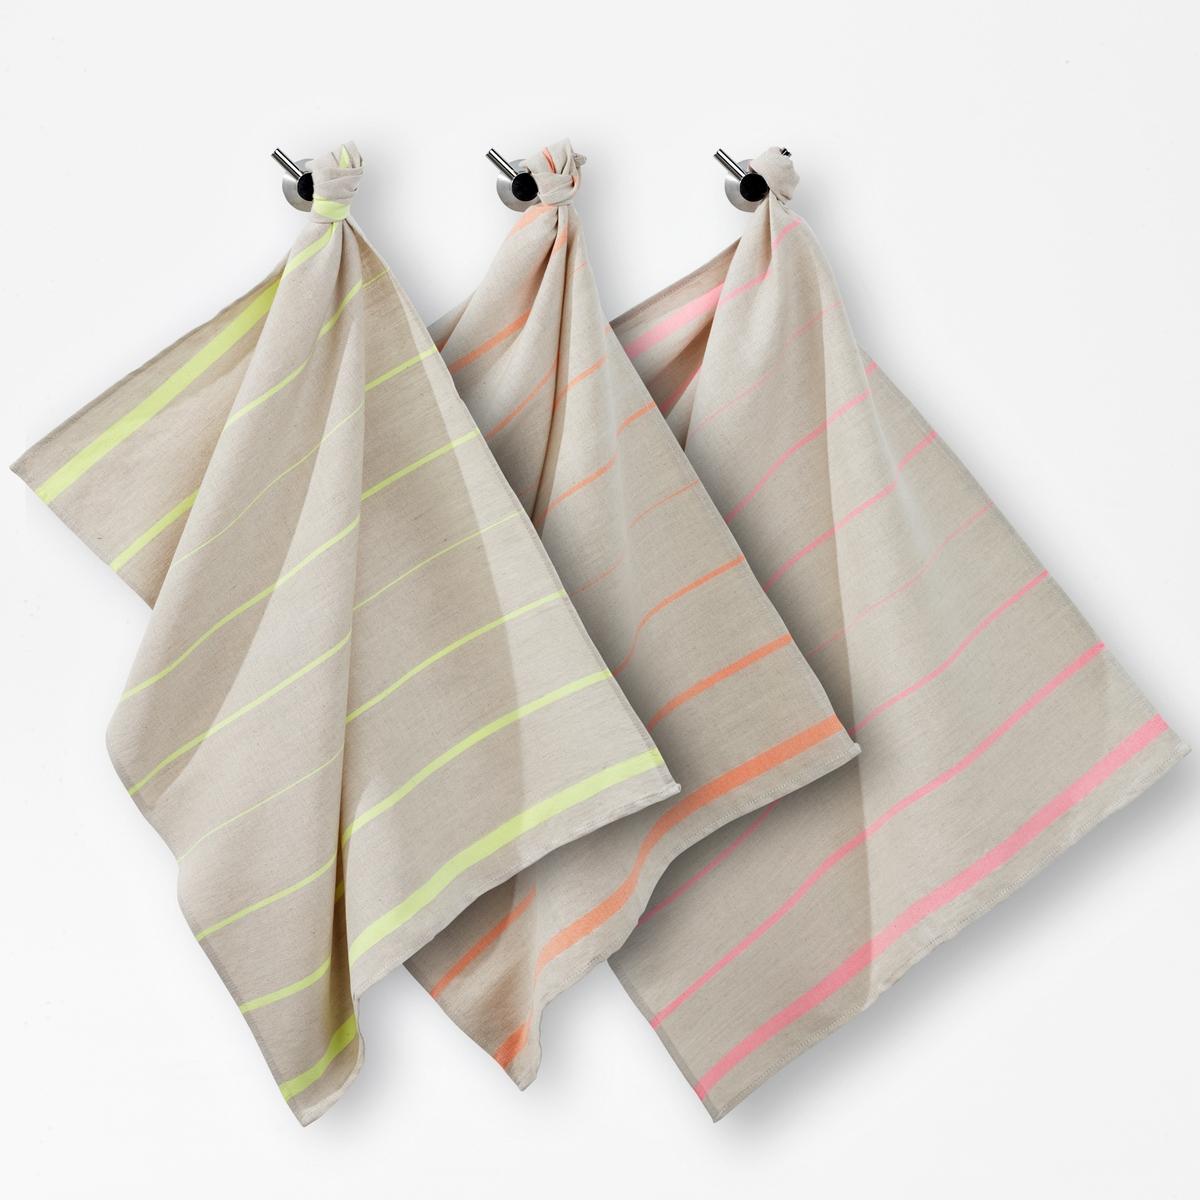 Кухонные полотенца в флуоресцентную полоску из смешанной ткани из льна/хлопка (комплект из 3 шт.) полотенца кухонные la pastel полотенце gabel 50х70 вишня